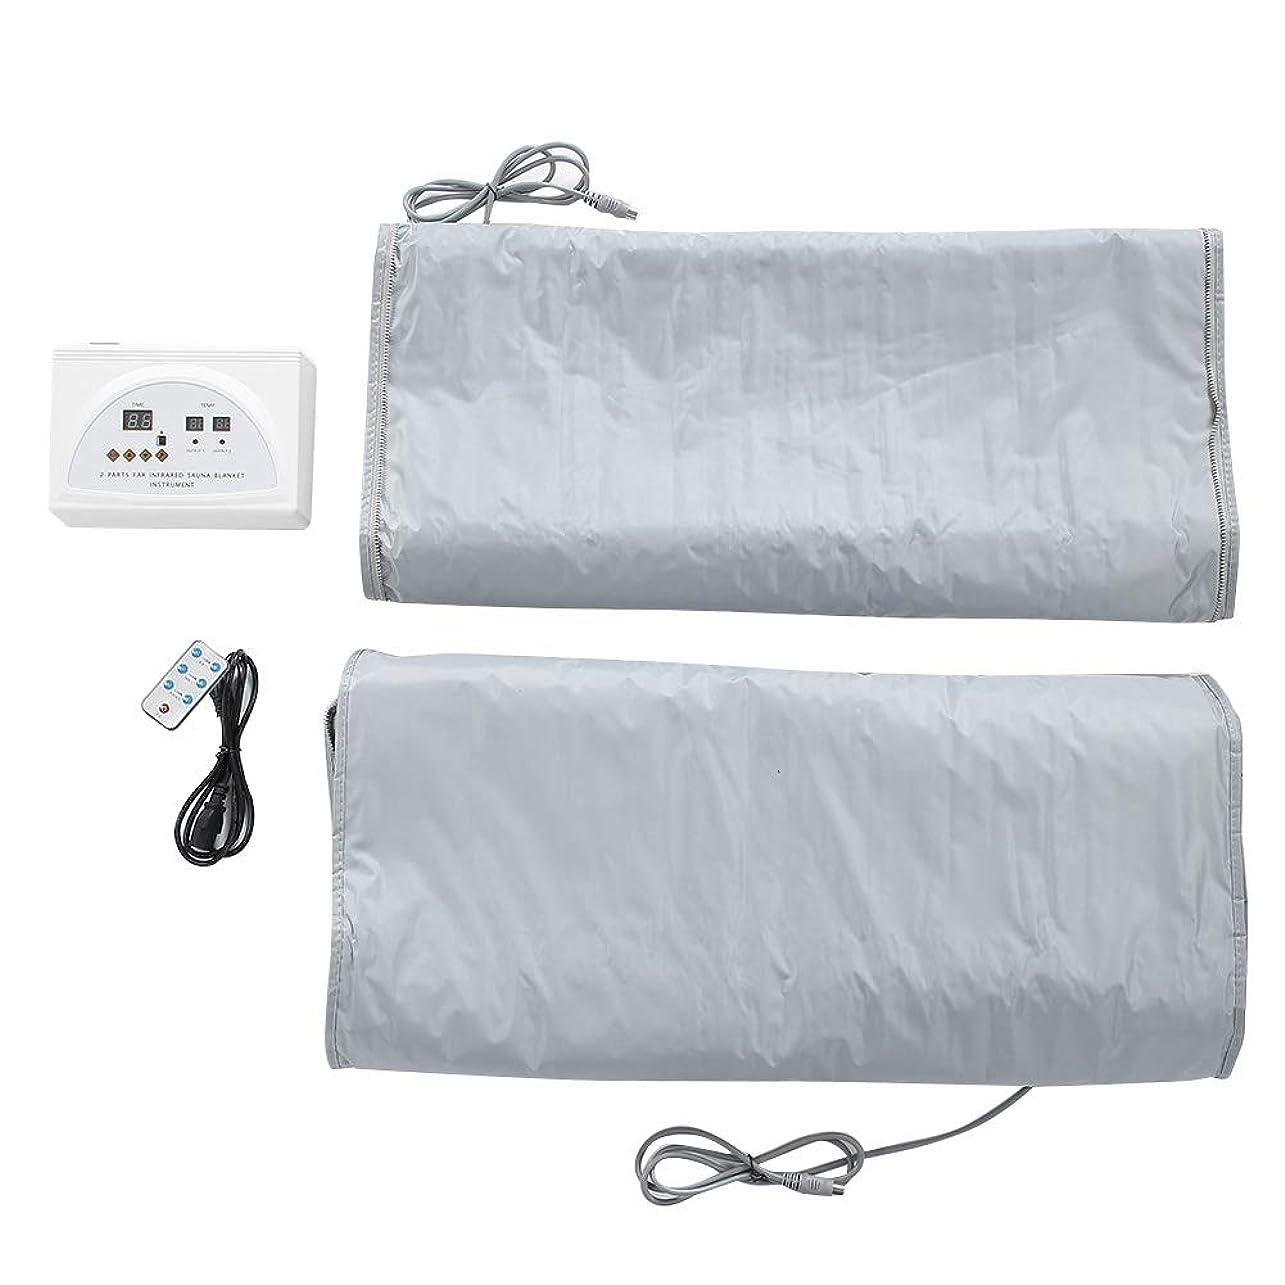 コードレス直立レッスン毛布220Vサウナ暖房毛布ボディ形状痩身フィットネスマシン英国プラグ